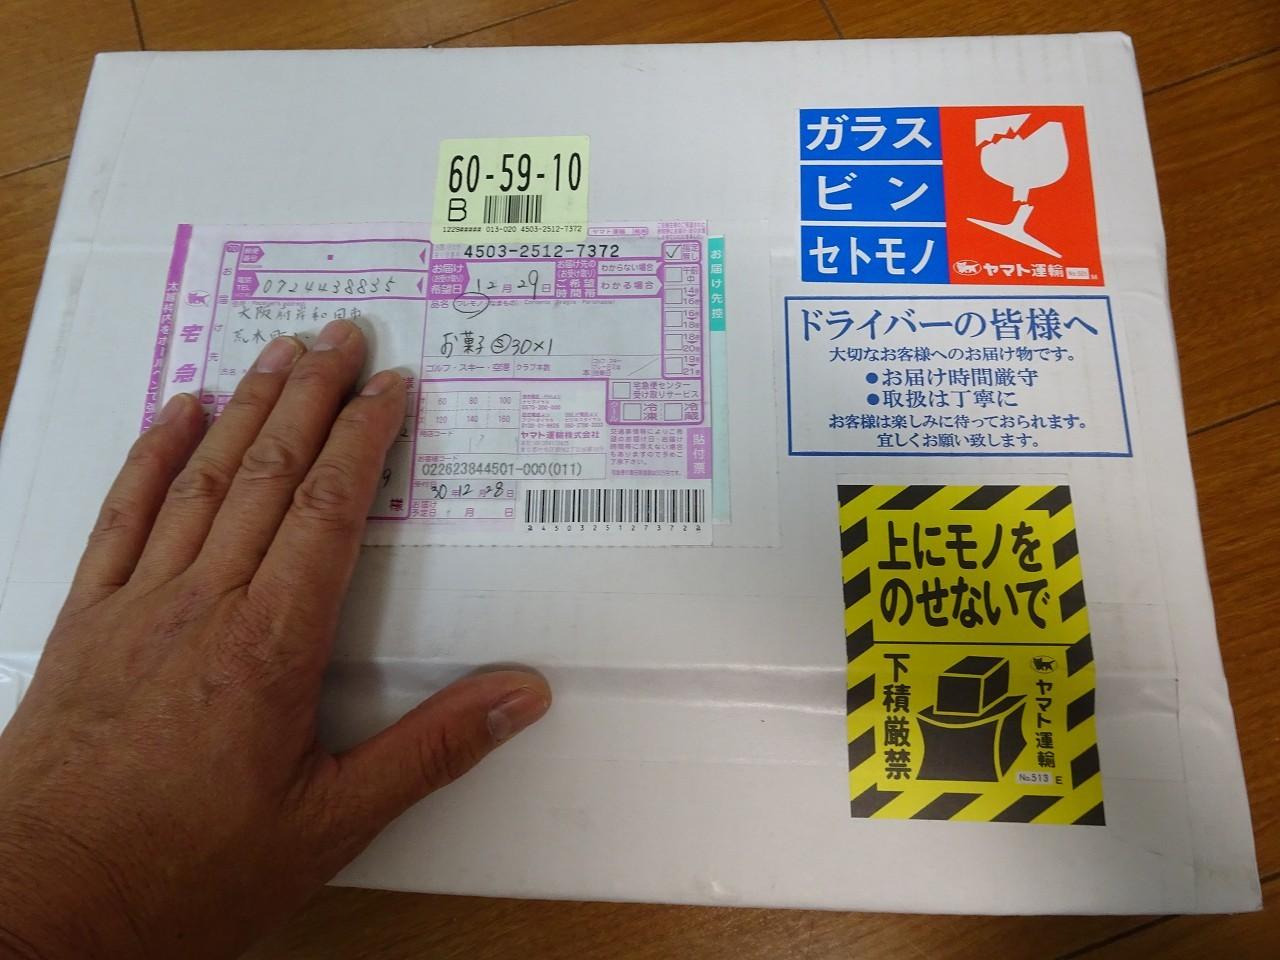 桐タンスの社長ブログ 心温まる有難いお手紙とお菓子をいただきました。